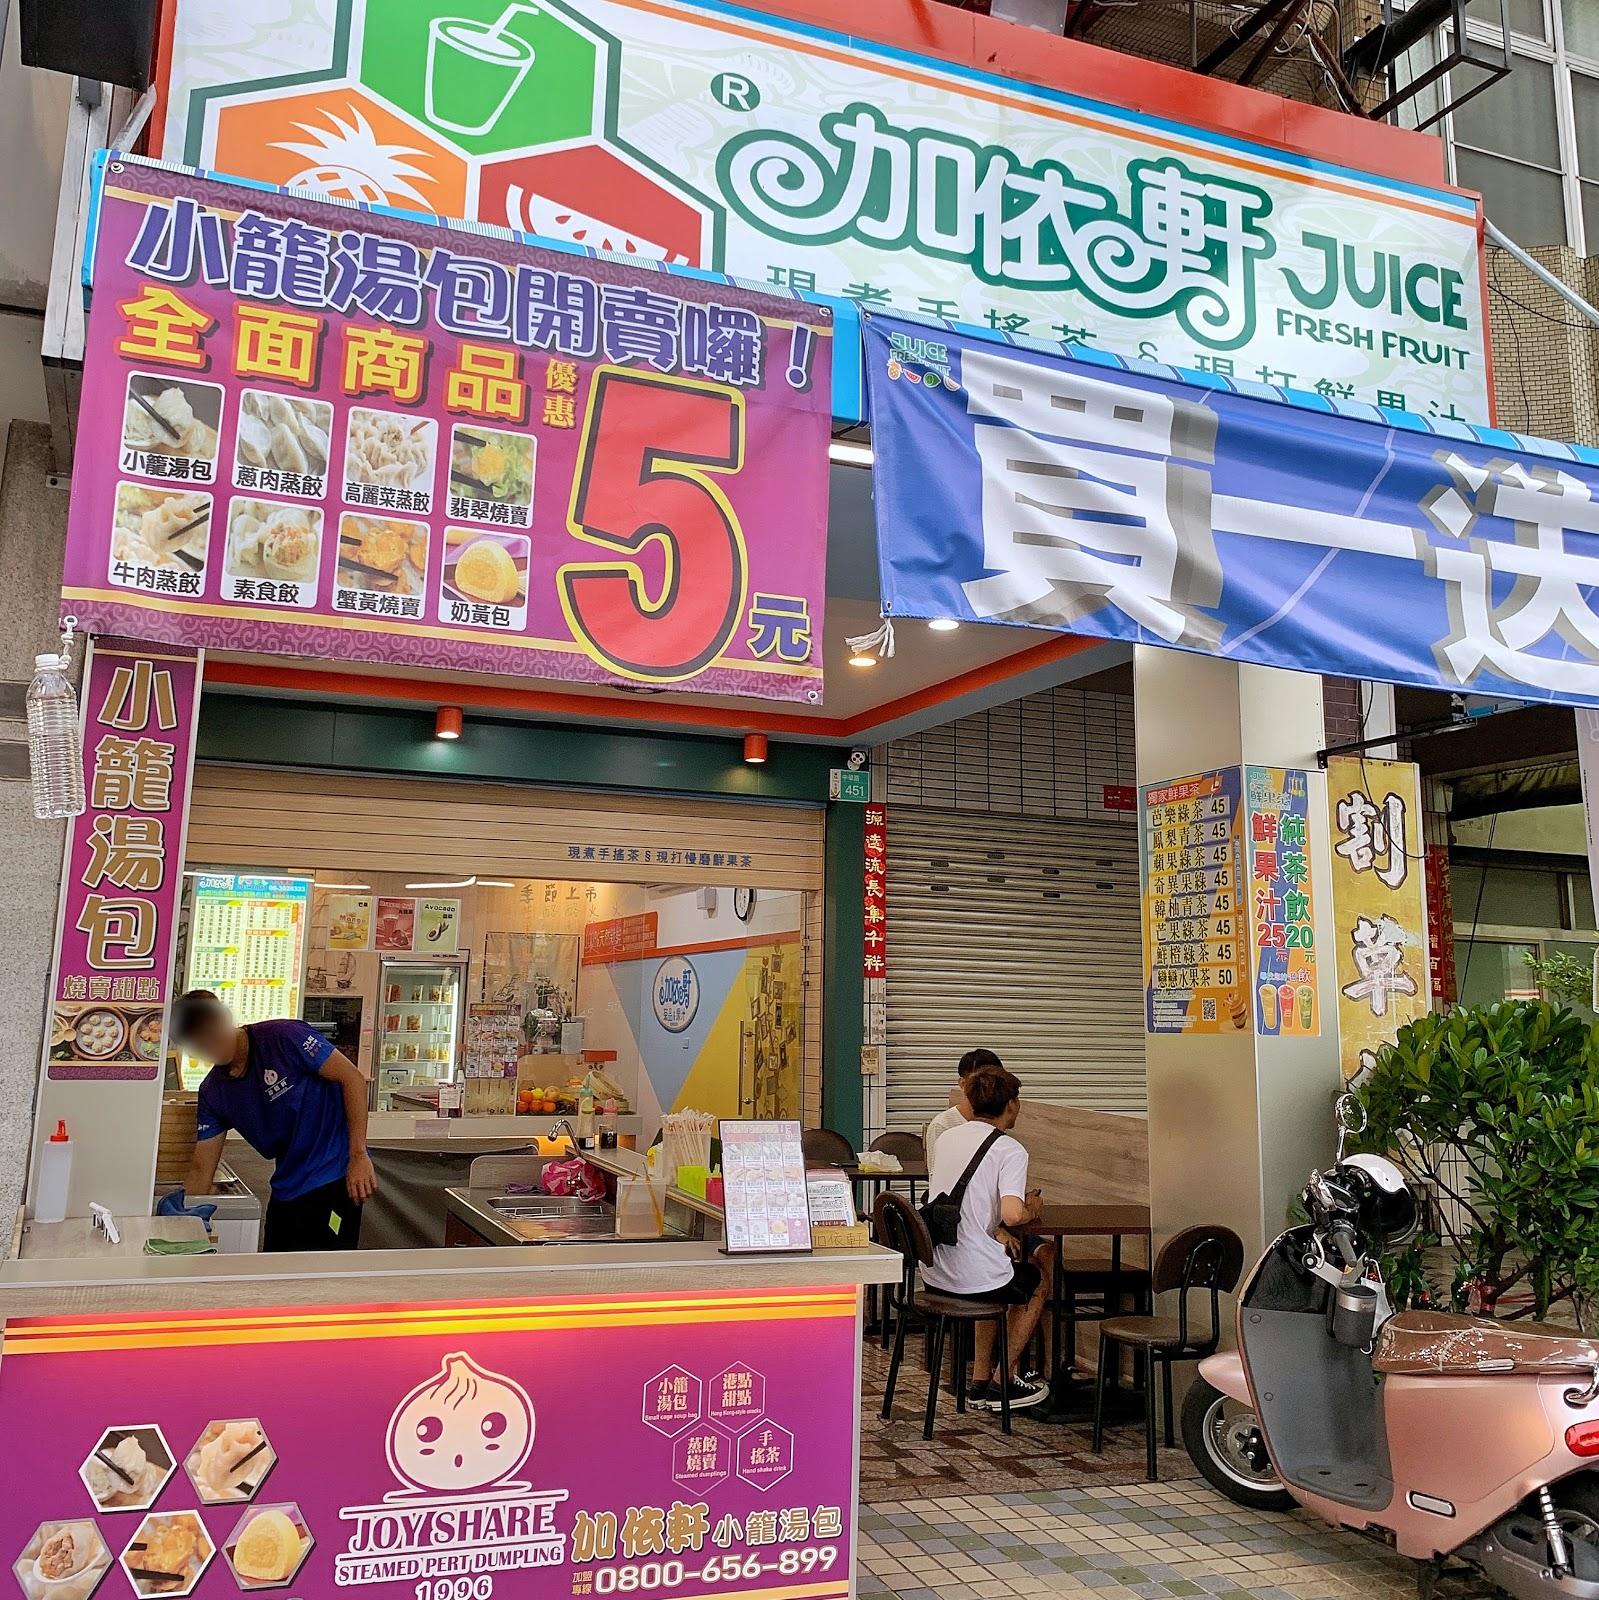 加依軒鮮果茶飲中華店的店家外觀